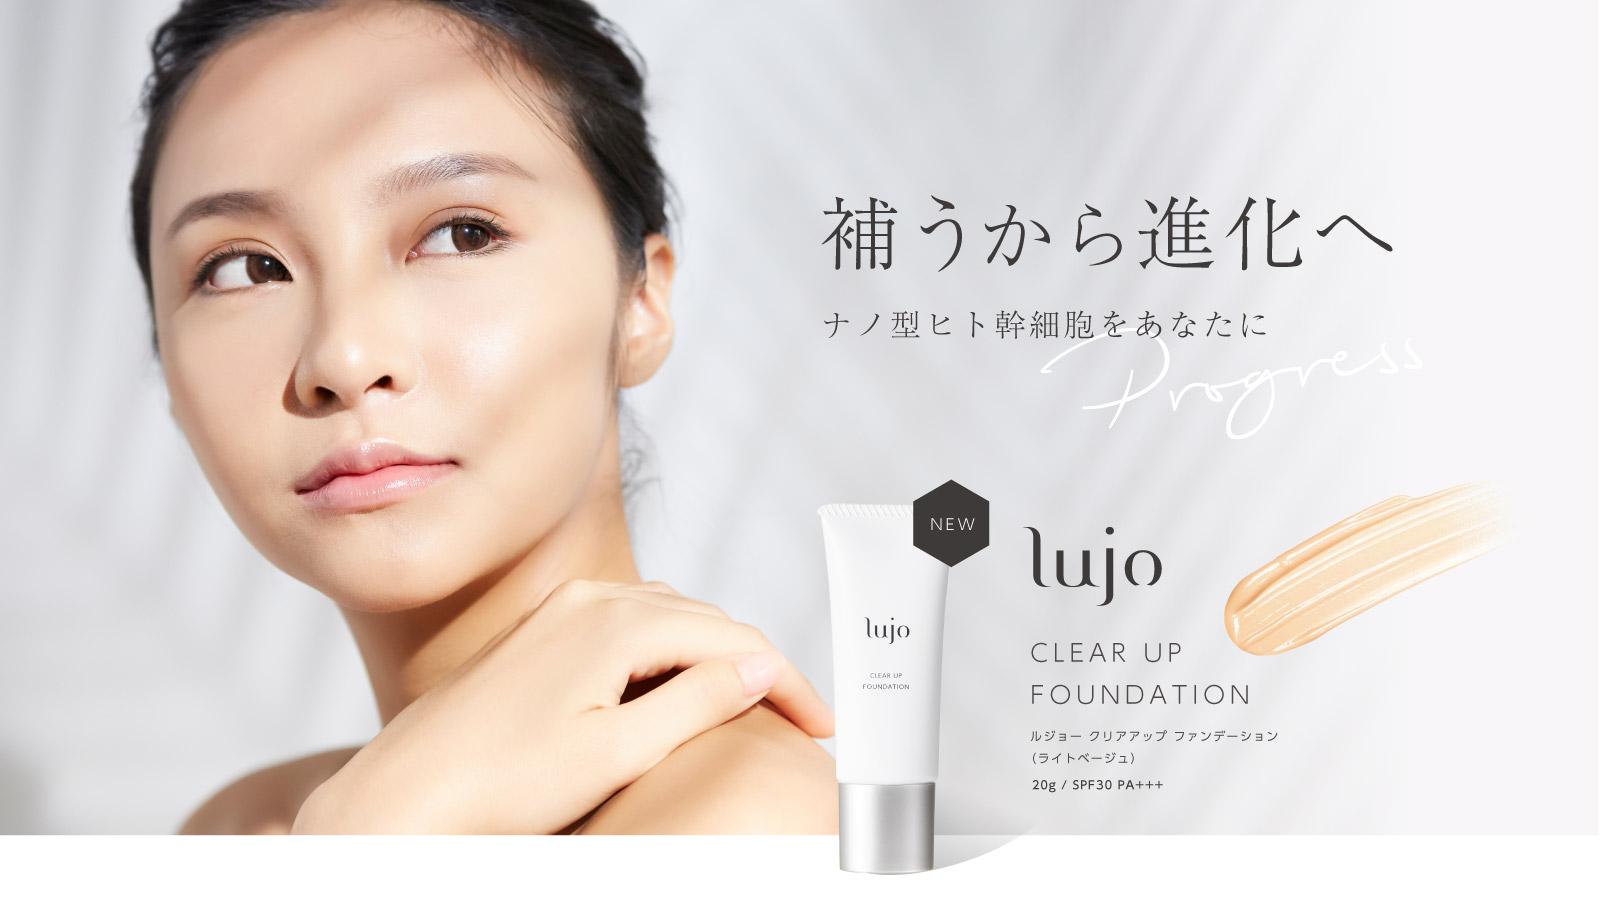 ナノプラチナ化ヒト幹細胞培養液エキス(整肌成分として)配合の『lujo(ルジョー)クリアアップファンデーション』